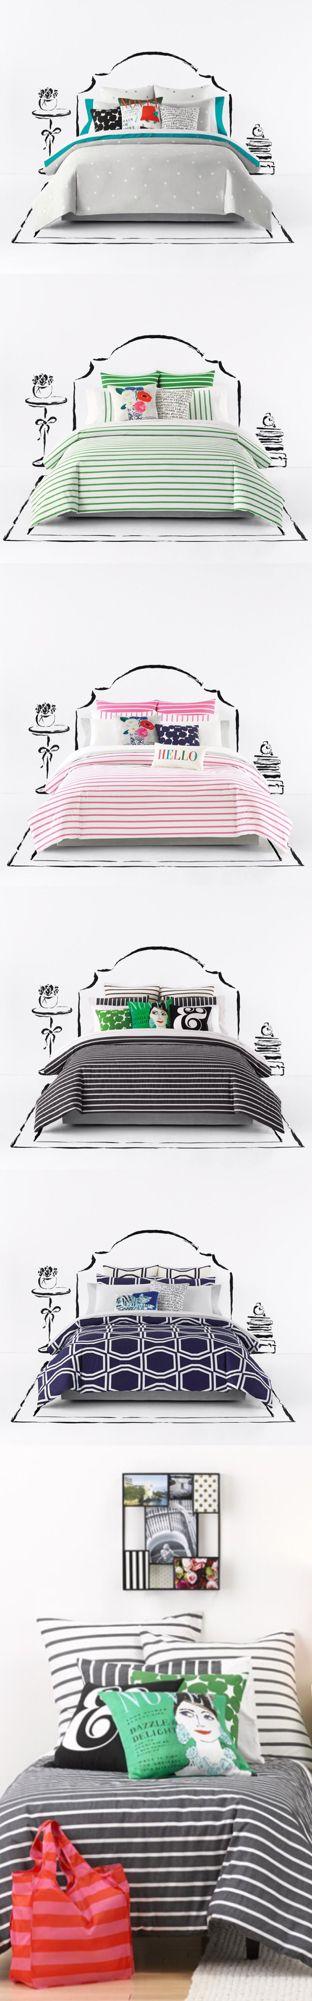 #Bedroom Designs & Linen from Nordstrom app edit by #Luxurydotcom